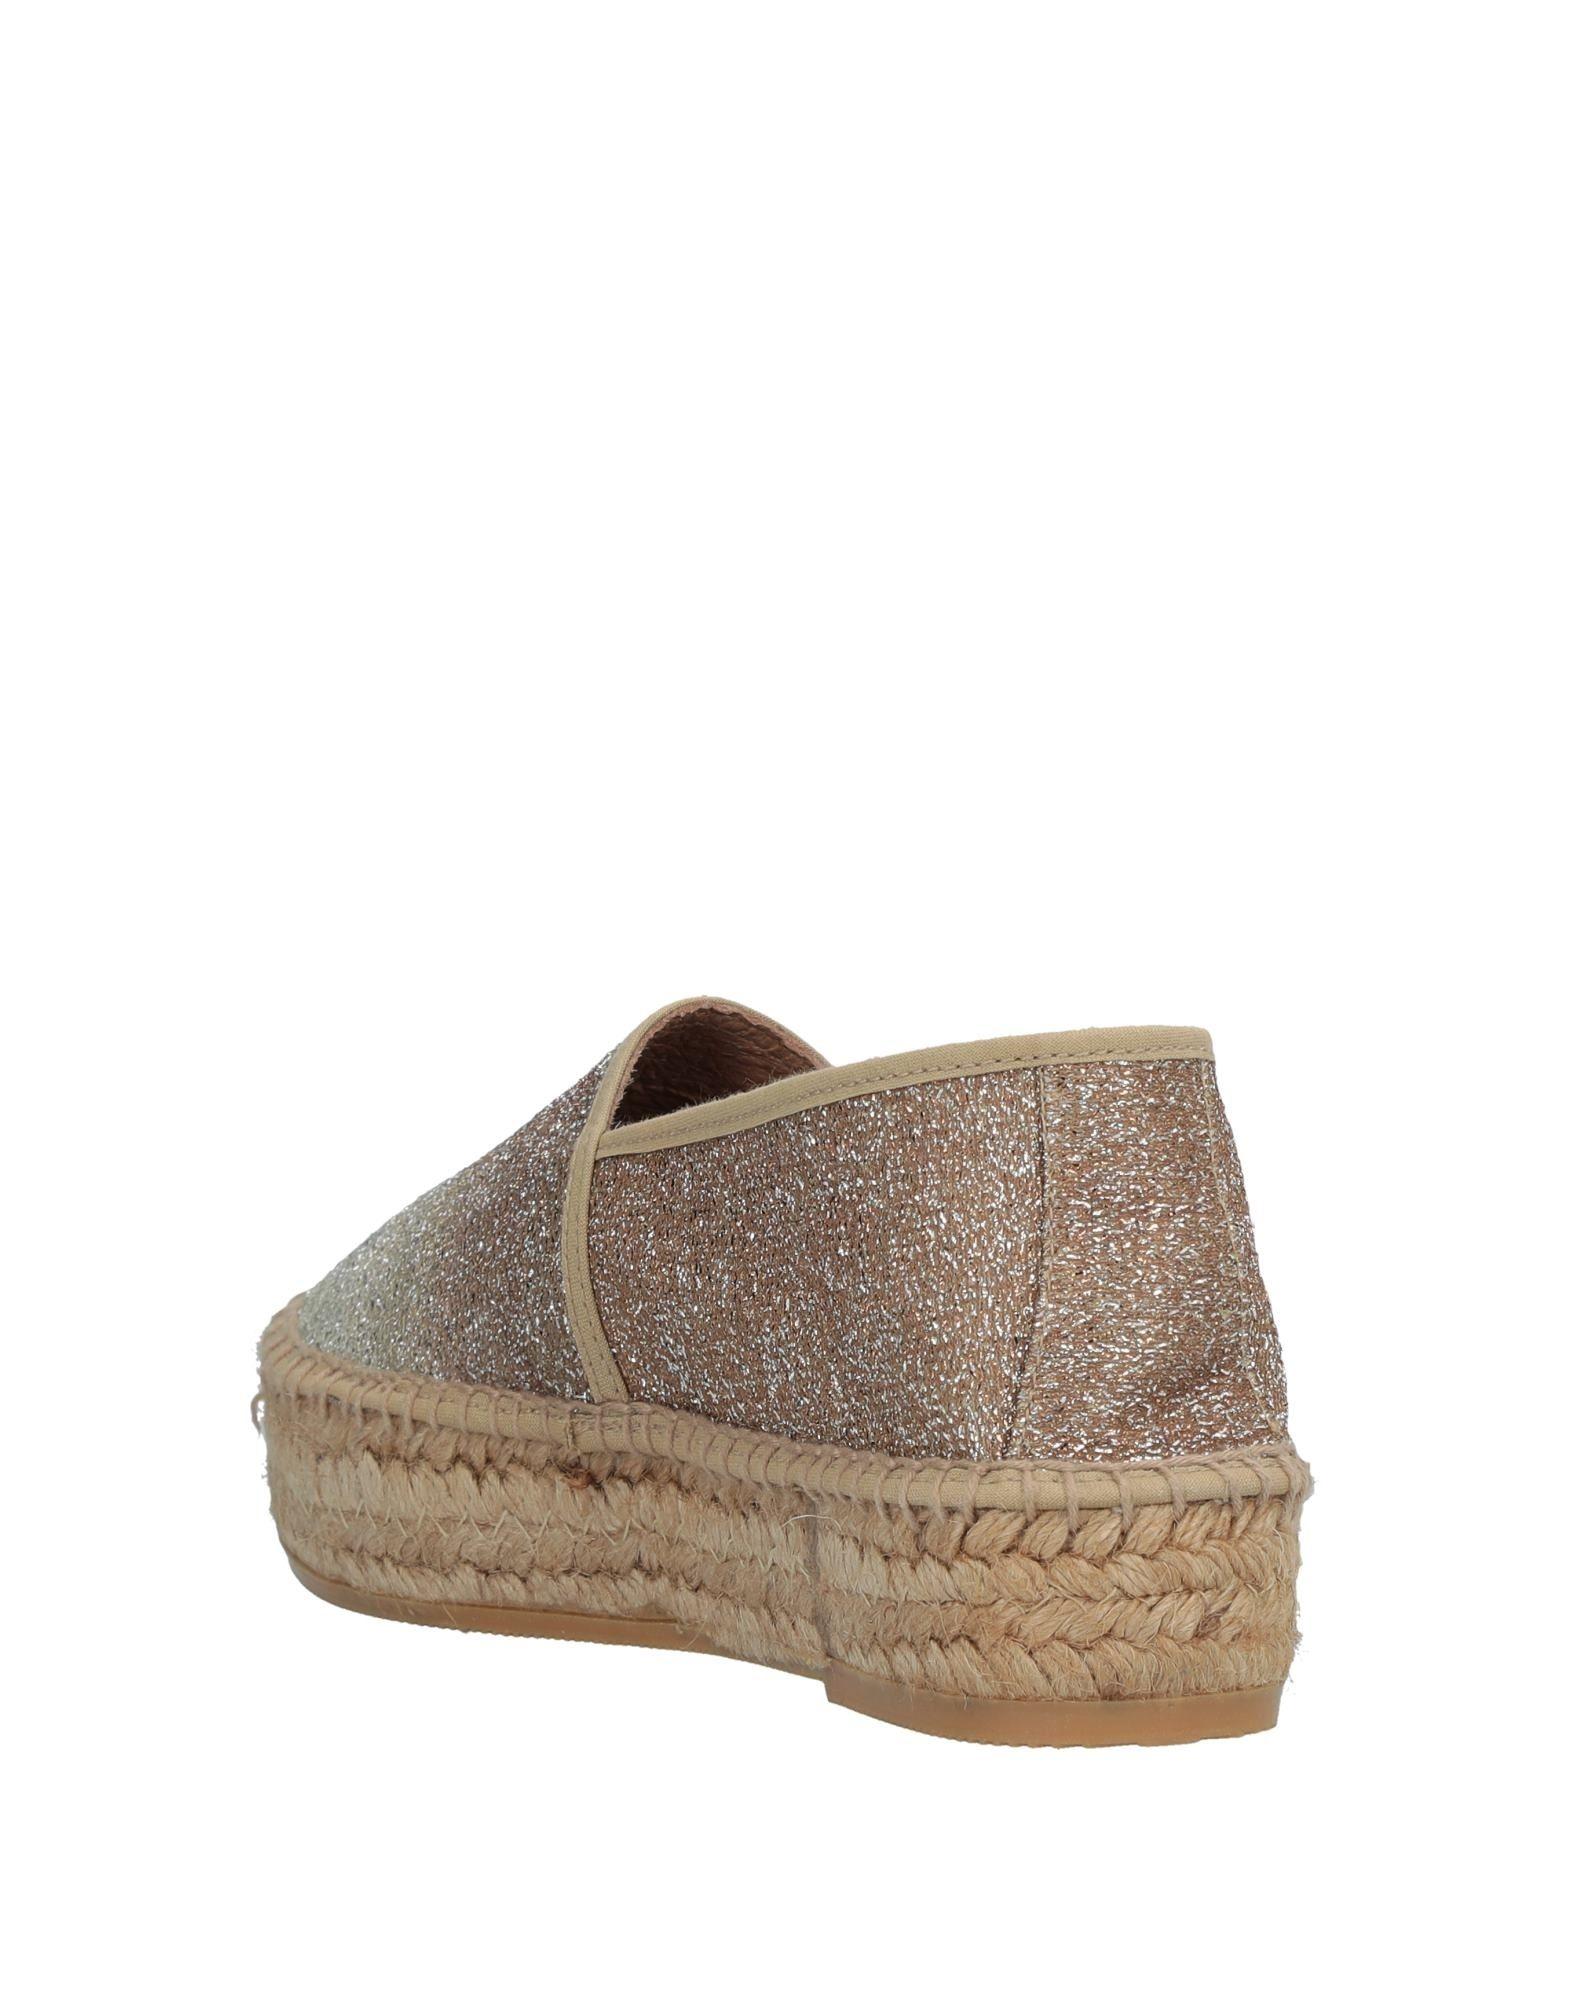 Guess Espadrilles Damen  11205760SH 11205760SH  Gute Qualität beliebte Schuhe 680b6a